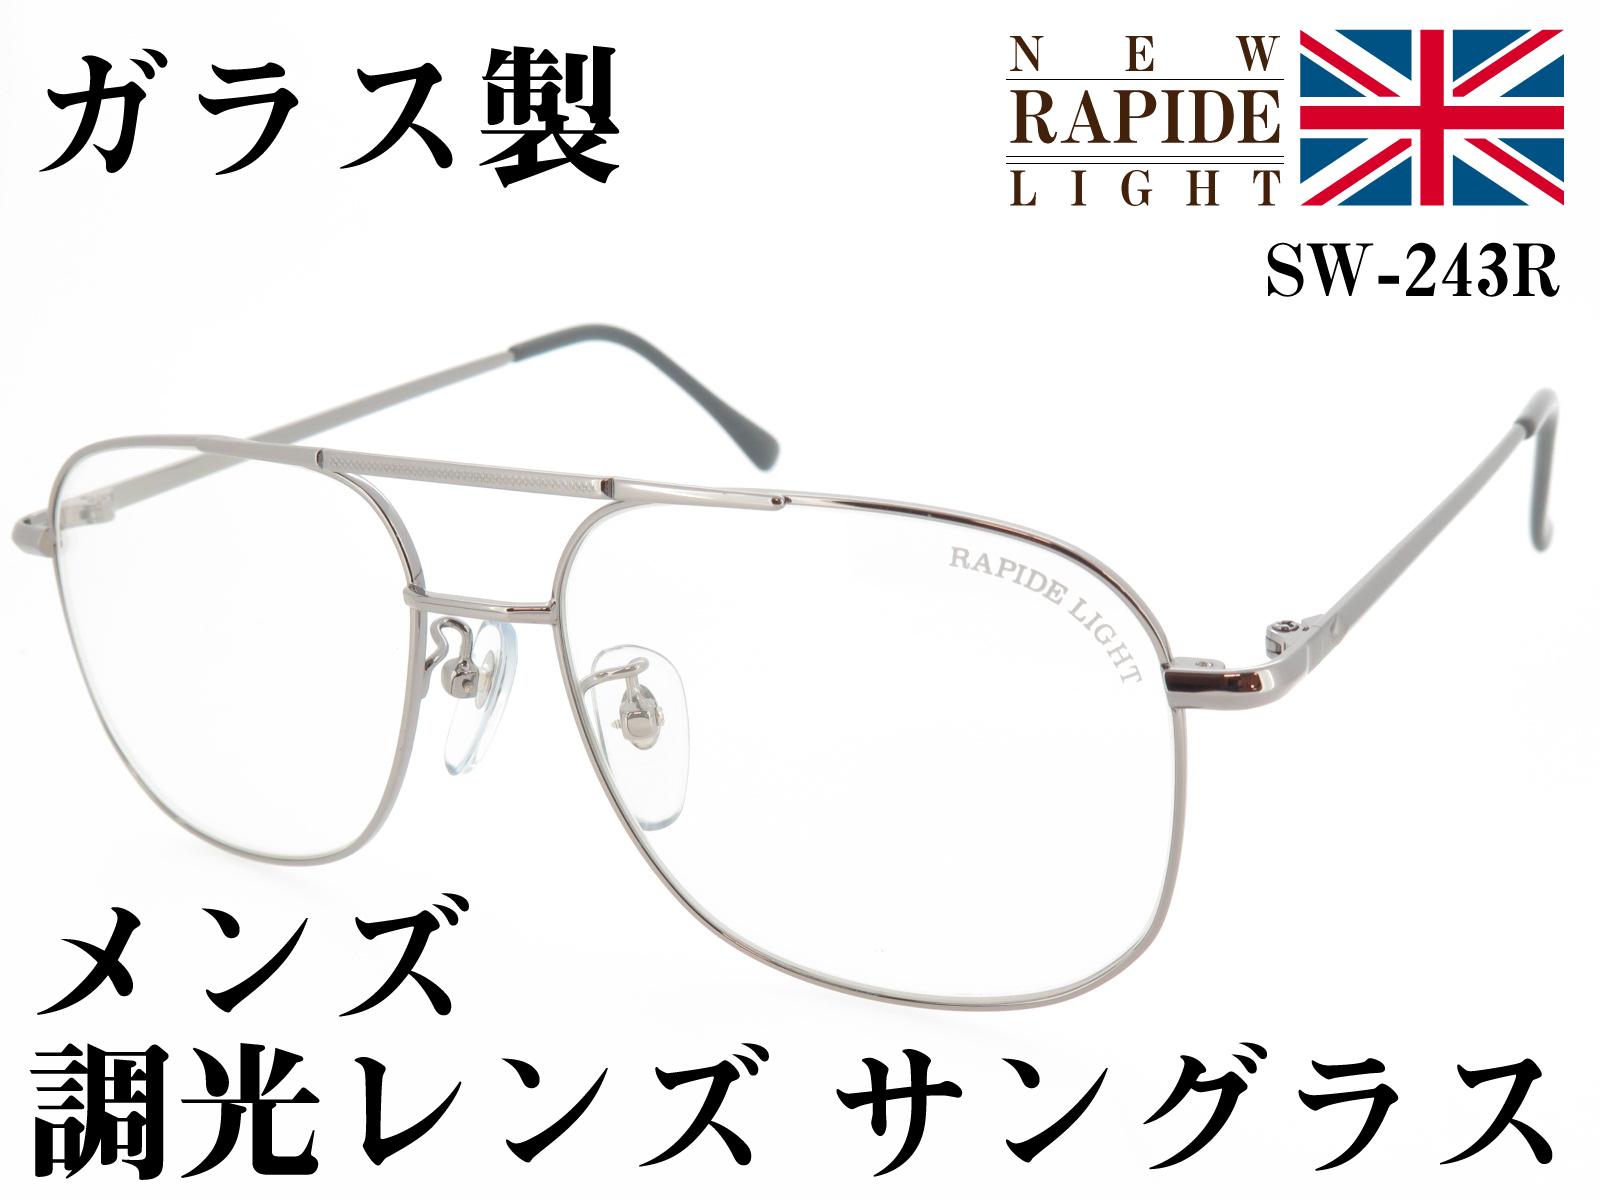 SUNWARD ガラス 調光レンズ サングラス ラピード メンズ フルリム SW243R